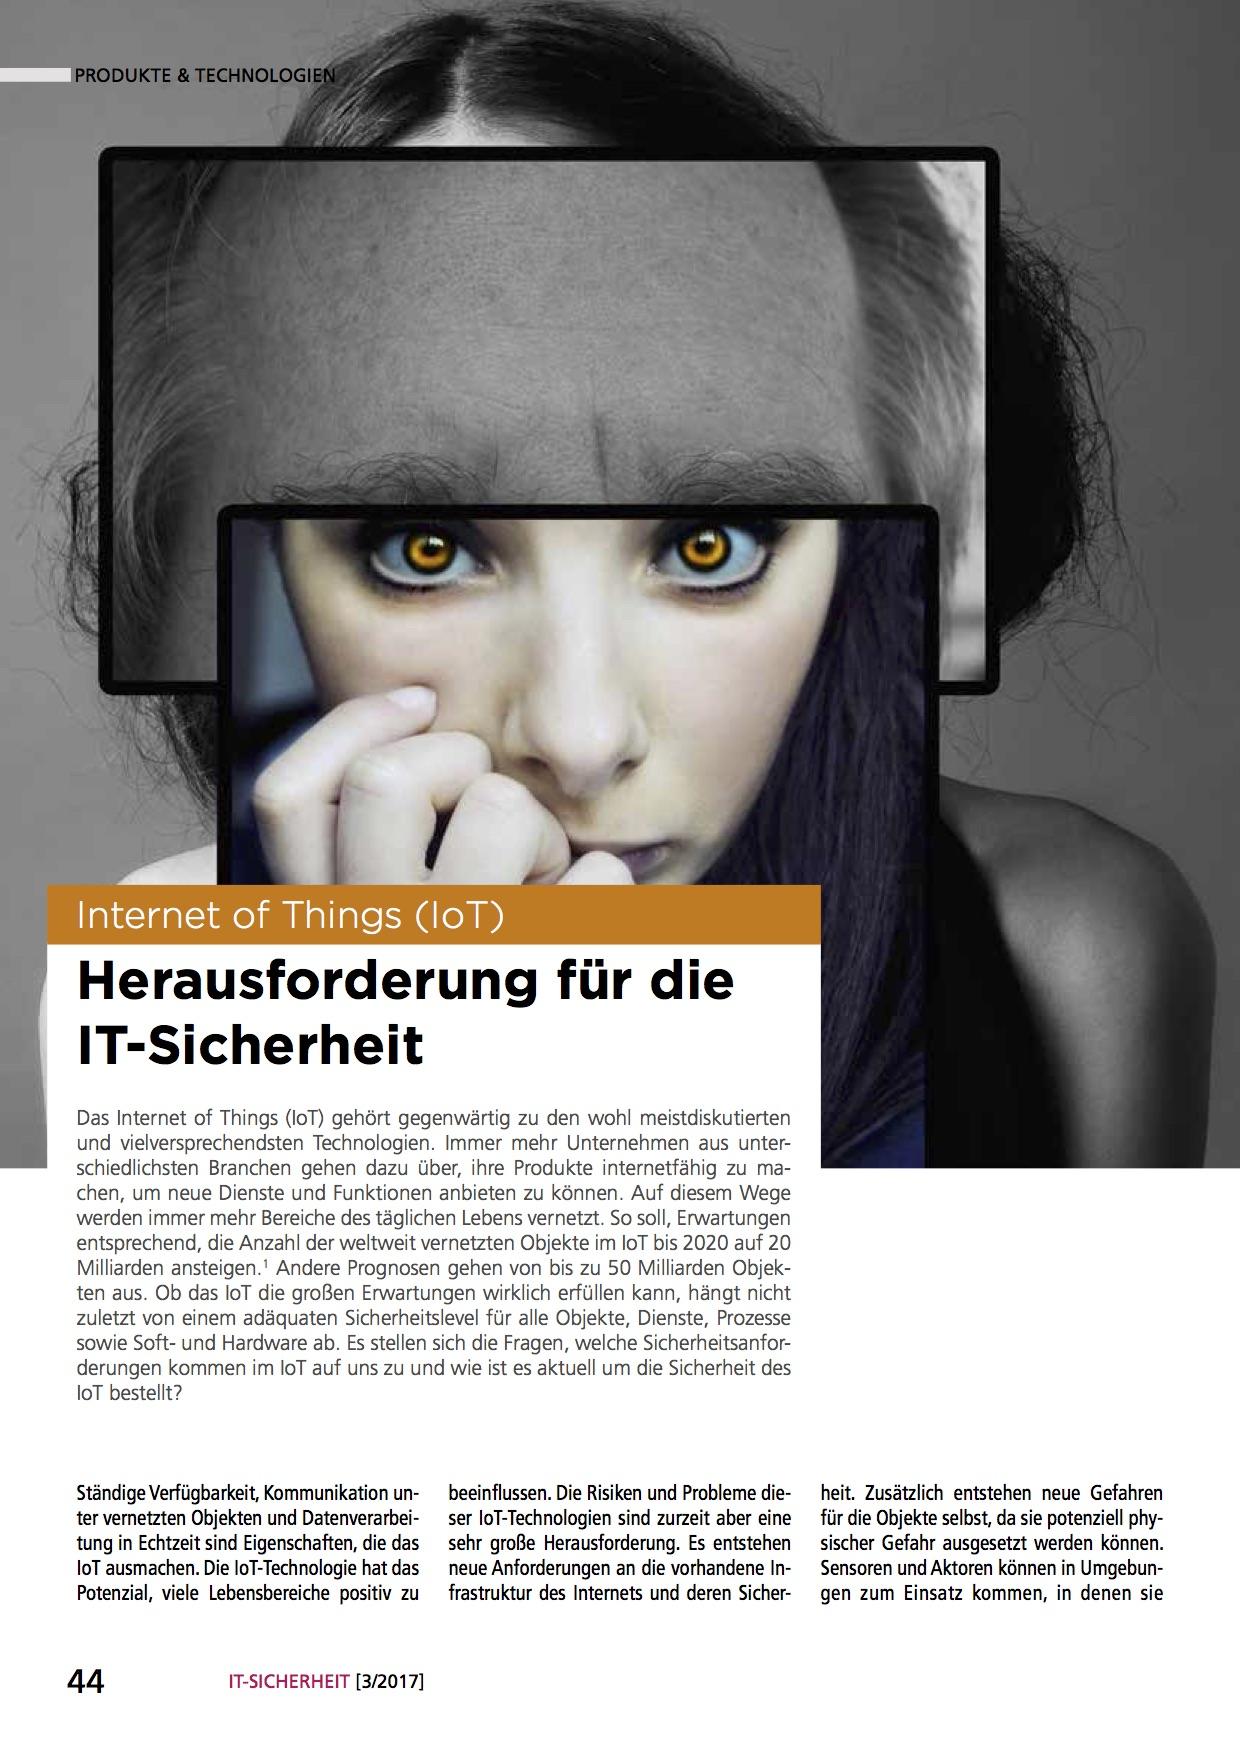 359-Internet-of-Things-IoT-Herausforderung-für-die-IT-Sicherheit-Prof.-Norbert-Pohlmann